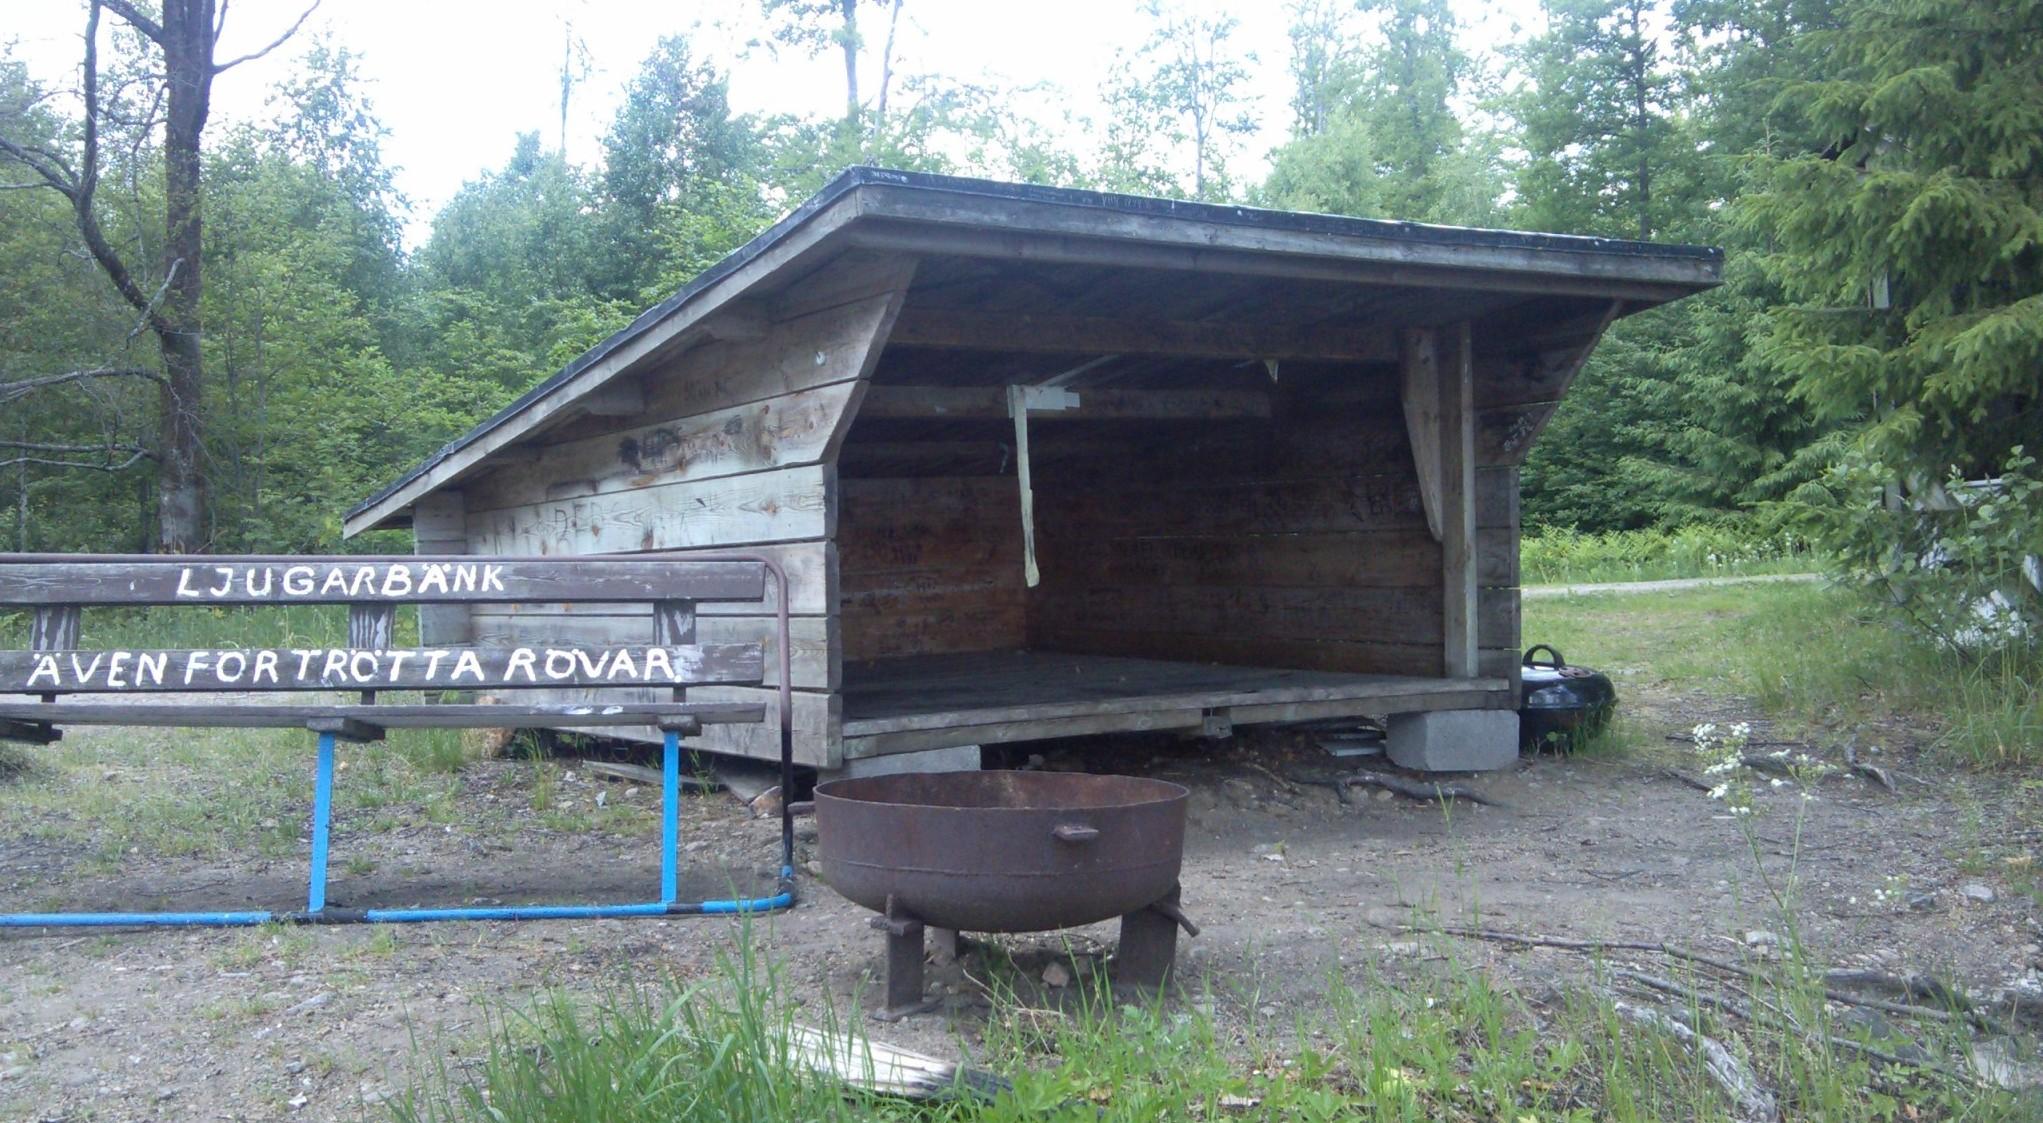 Åsnen - Wasserwander-Rastplatz mit Schlafhütte, gute Matte, guter Schlafsack, gute Nacht